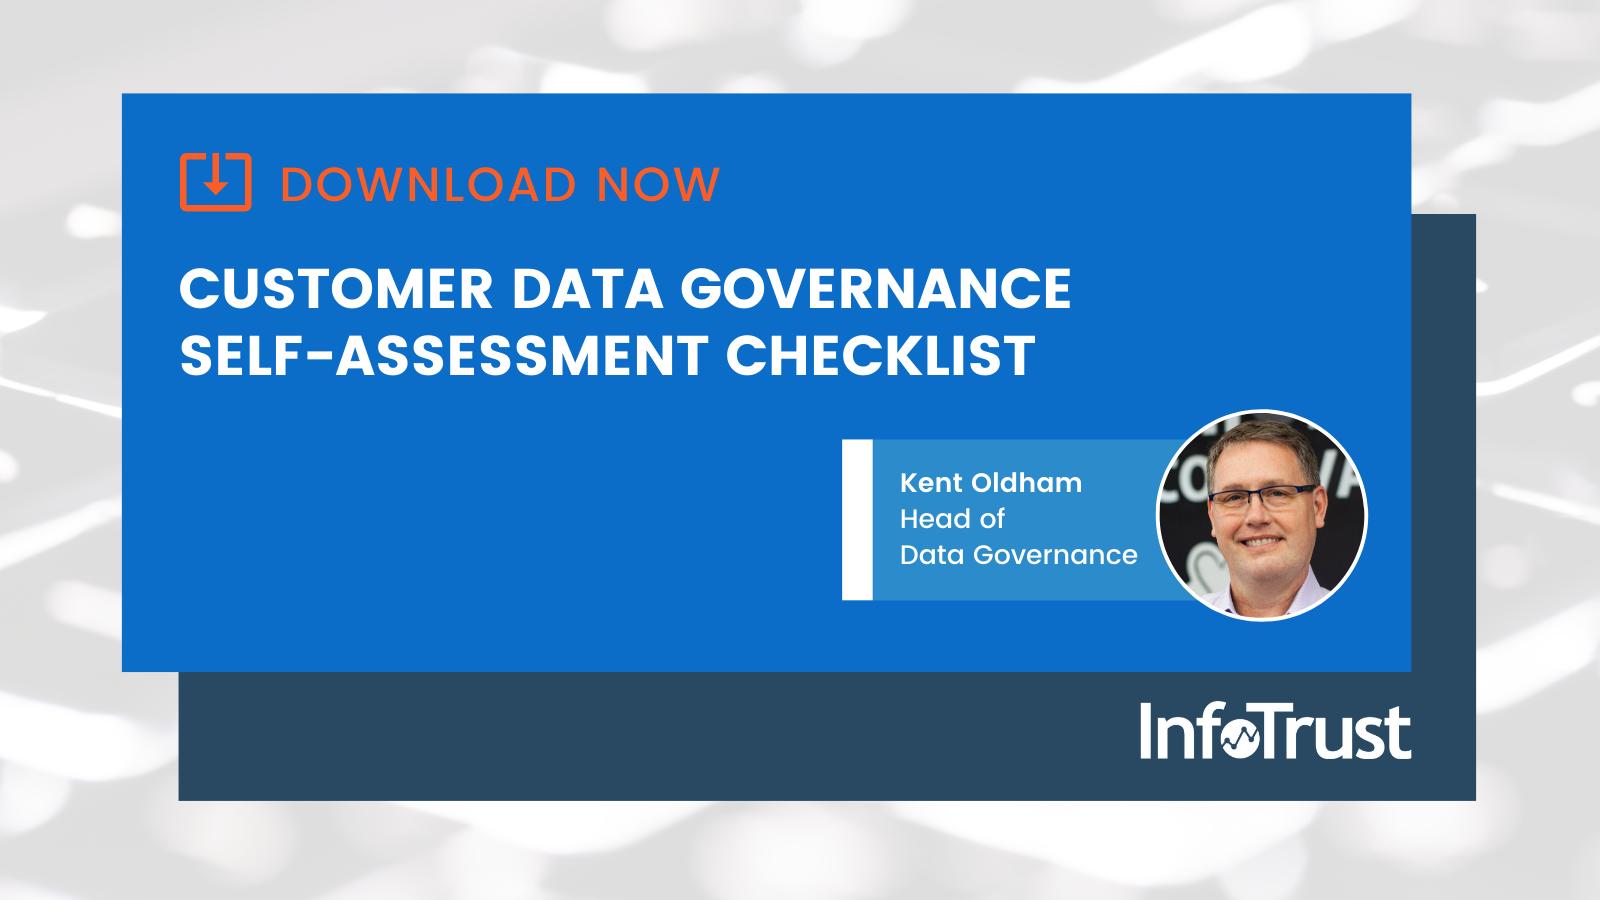 Customer Data Governance Self-Assessment Checklist